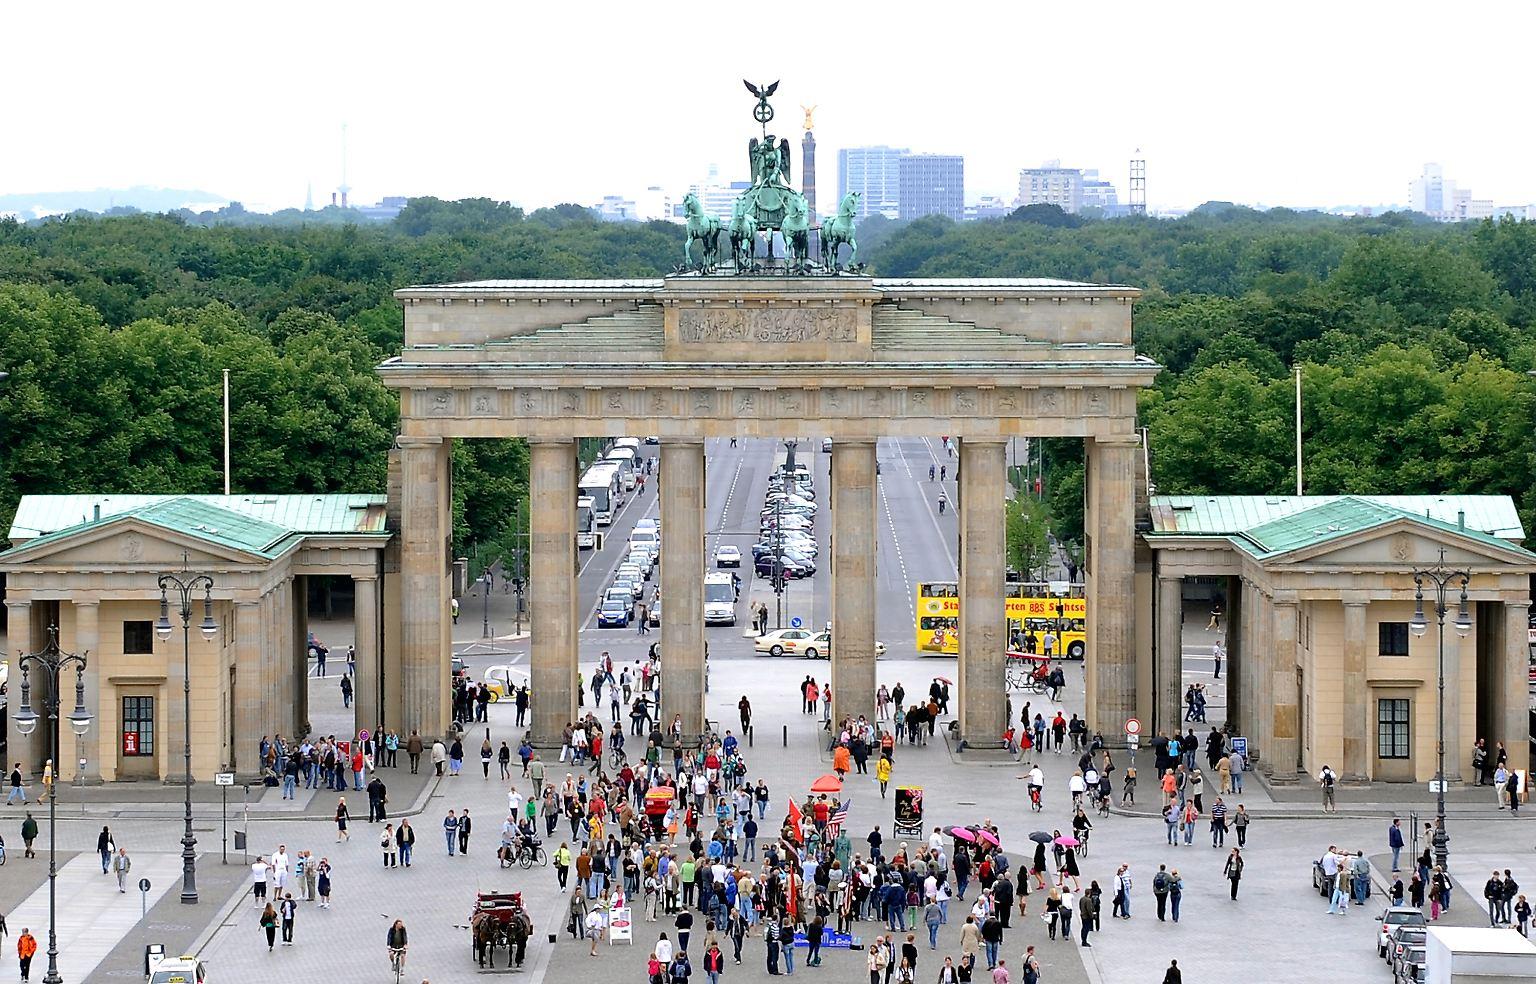 Weltberuhmtes Wahrzeichen Das Brandenburger Tor In Berlin N Tv De